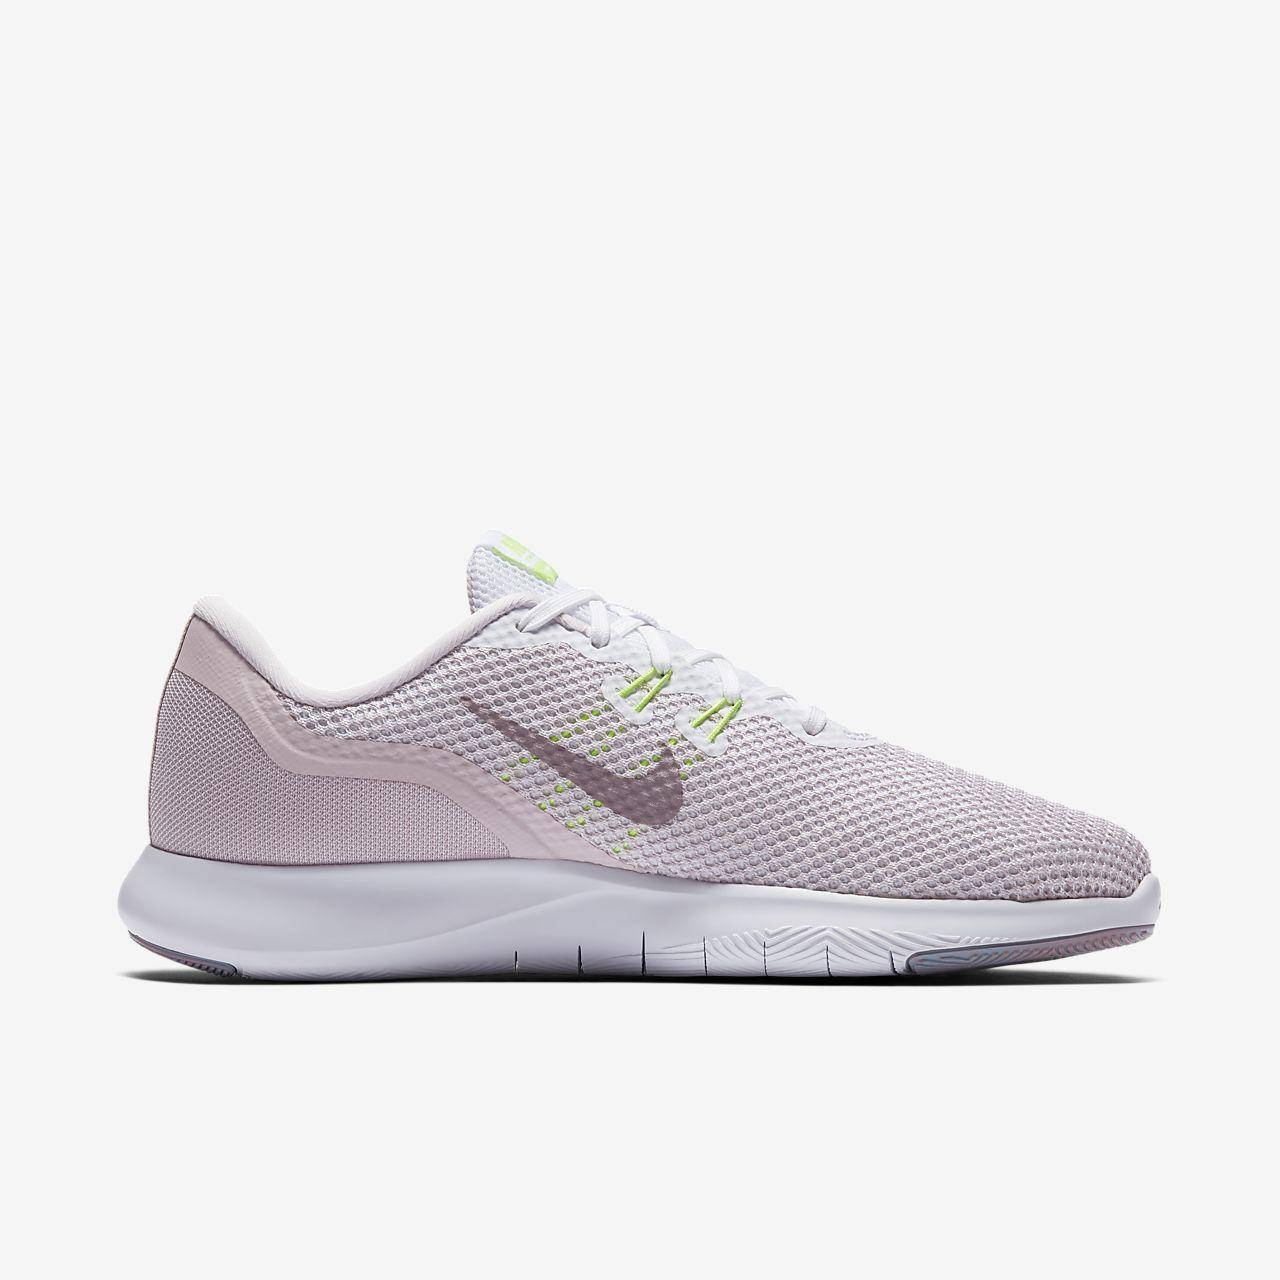 FitnessDanse De Trainer 7 Et Femme Flex Nike Aérobic Pour Chaussure gvb67yYf